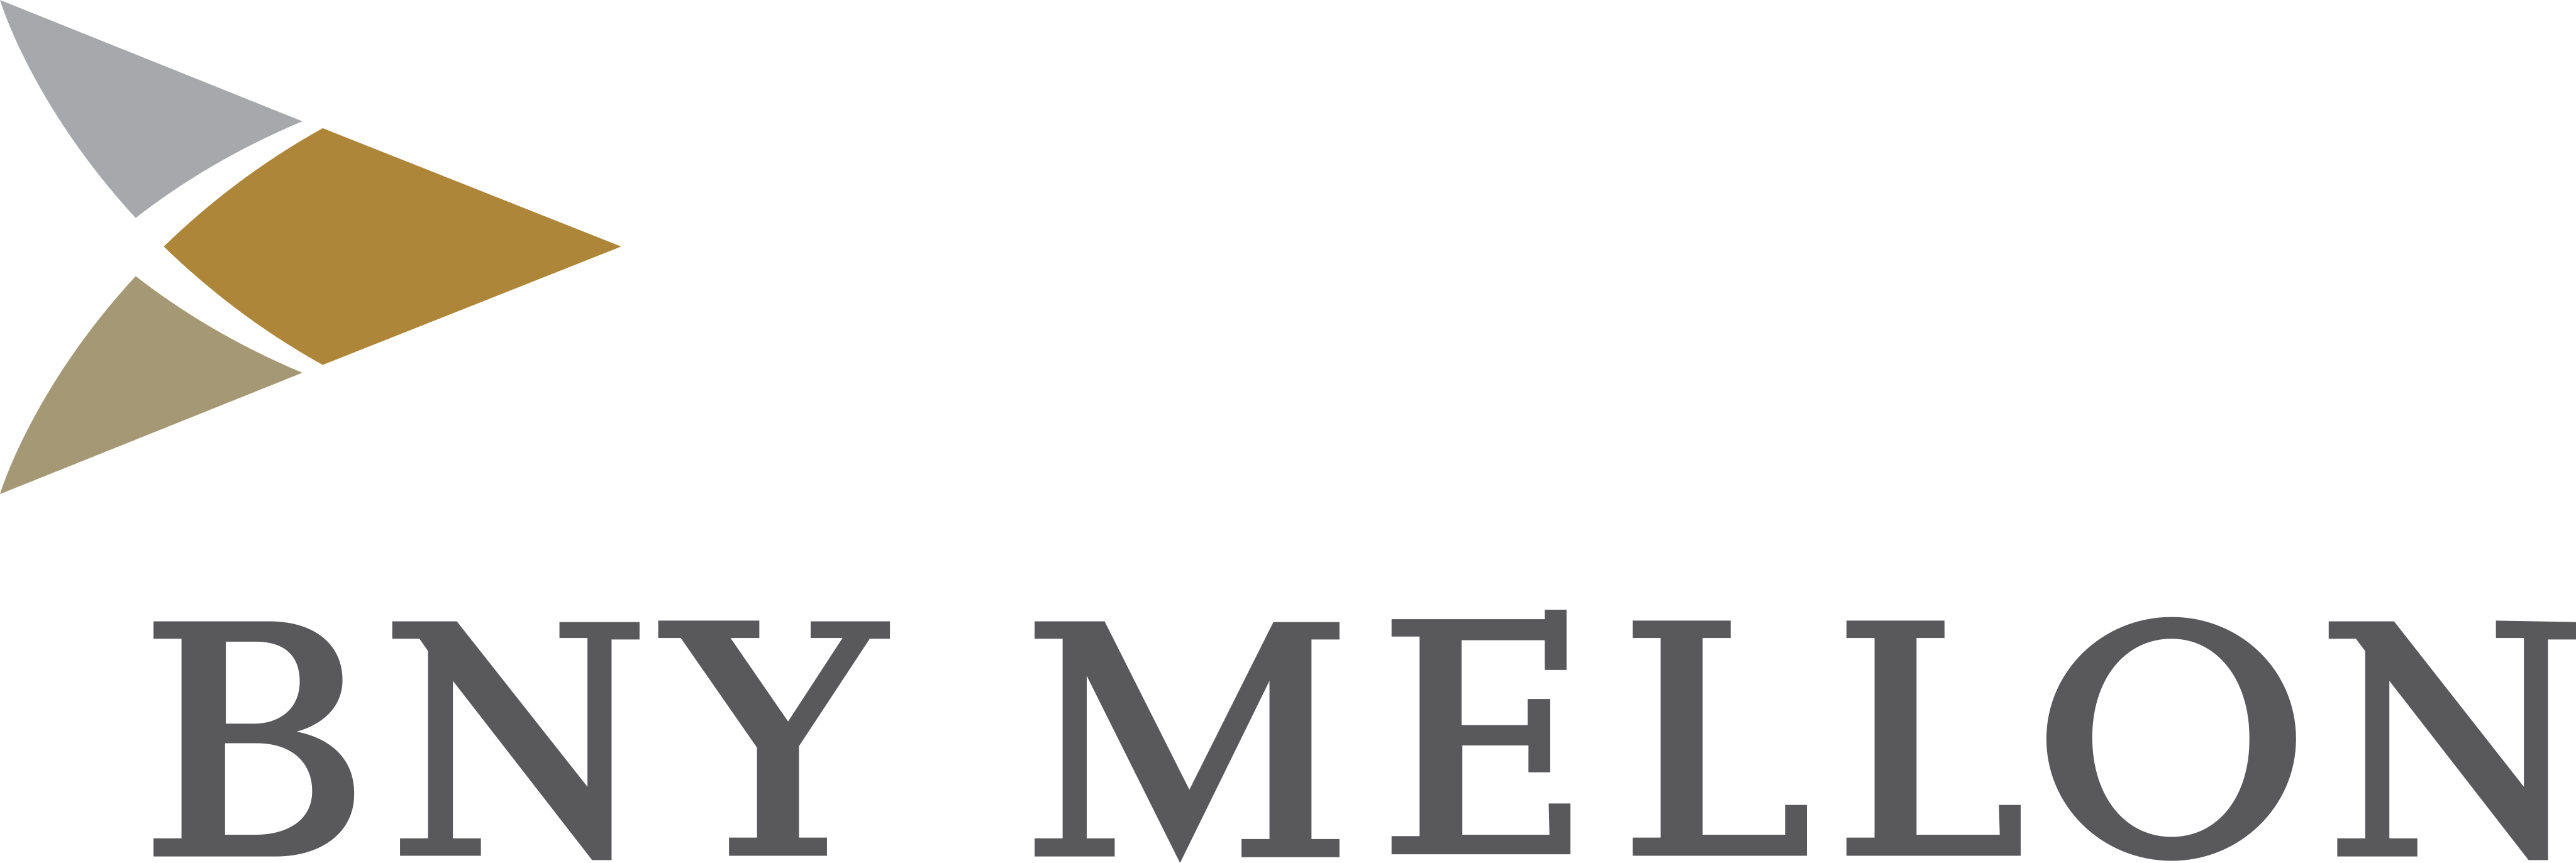 bny mellon logo 1 - BNY Mellon Logo